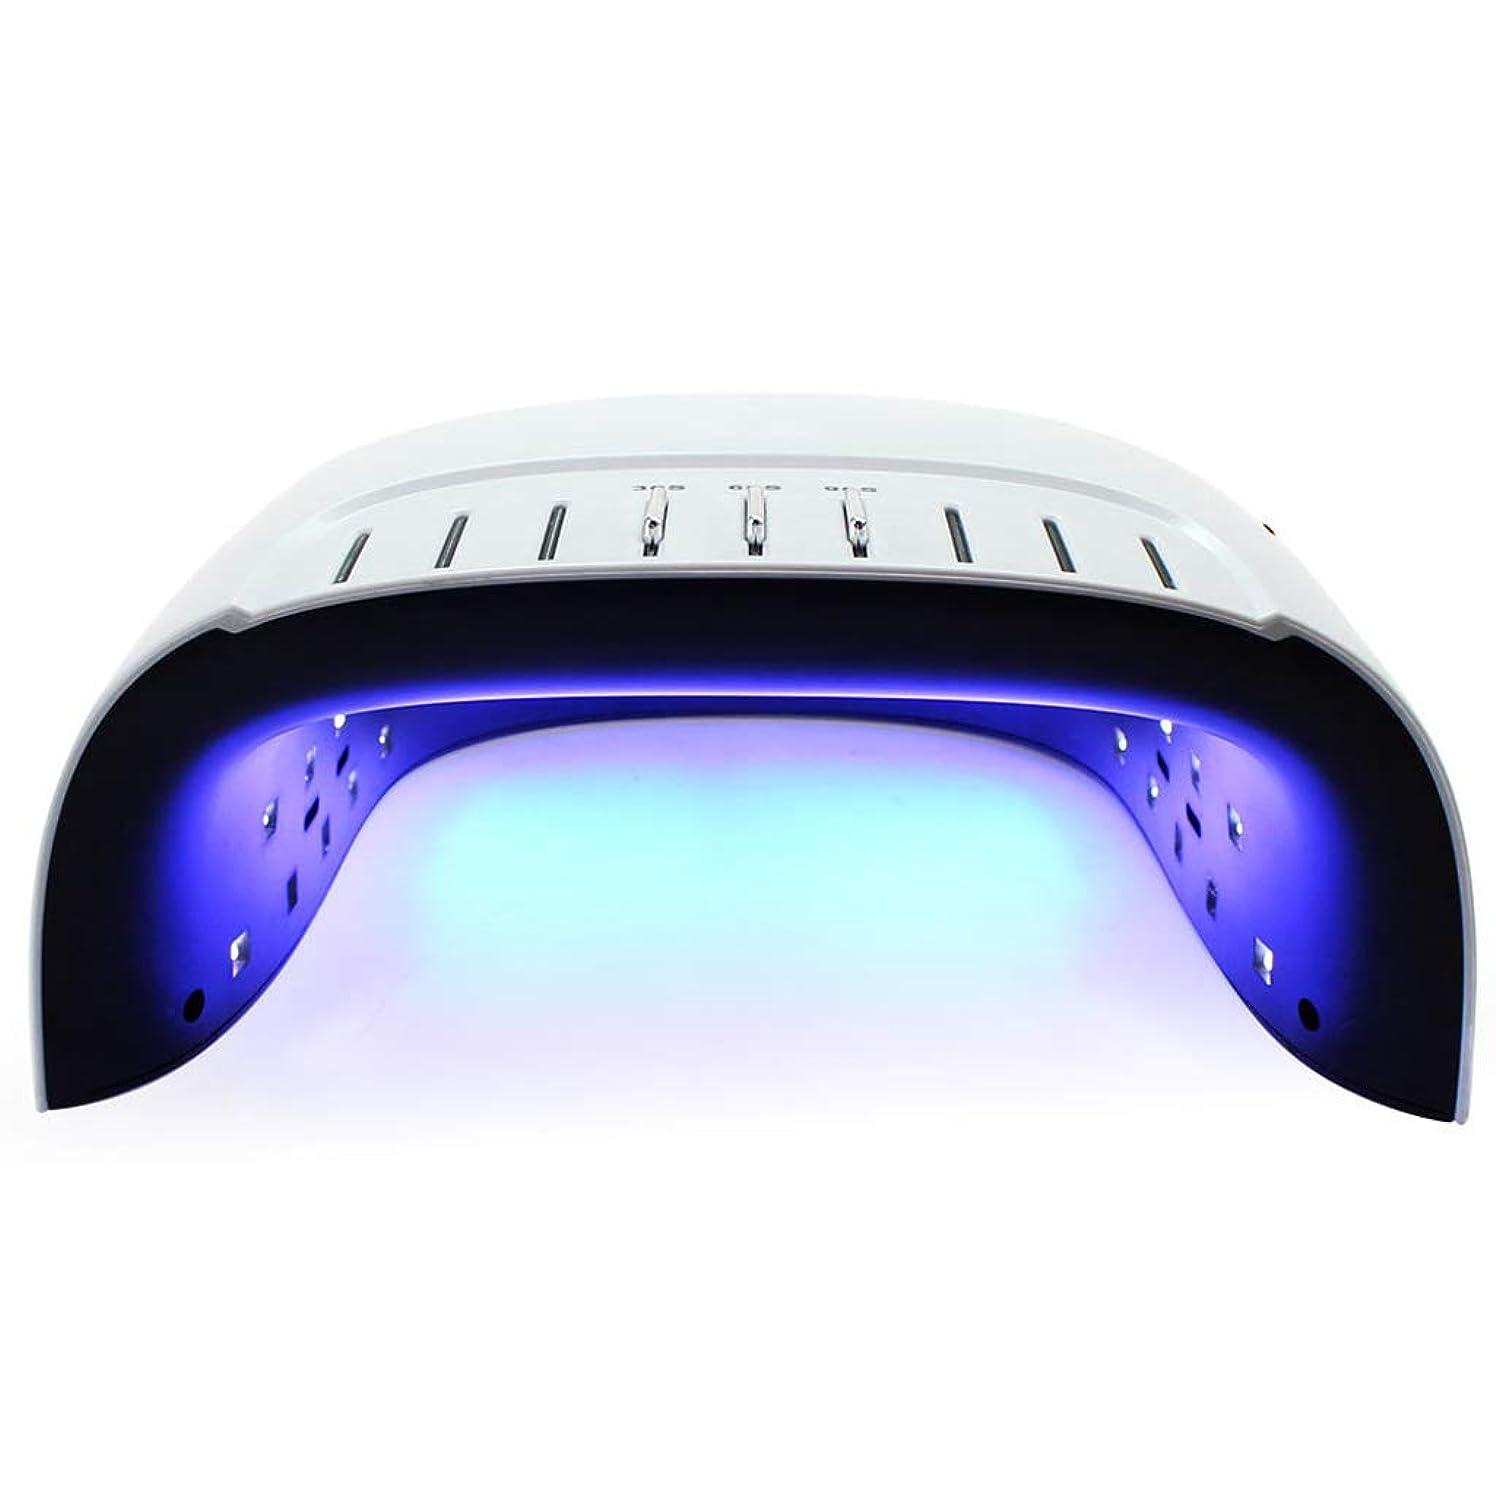 サスペンド水星ジョブスマートネイル光線治療マシン、60Wオートセンシングデジタルディスプレイ痛み防止モード速乾性ネイルツール